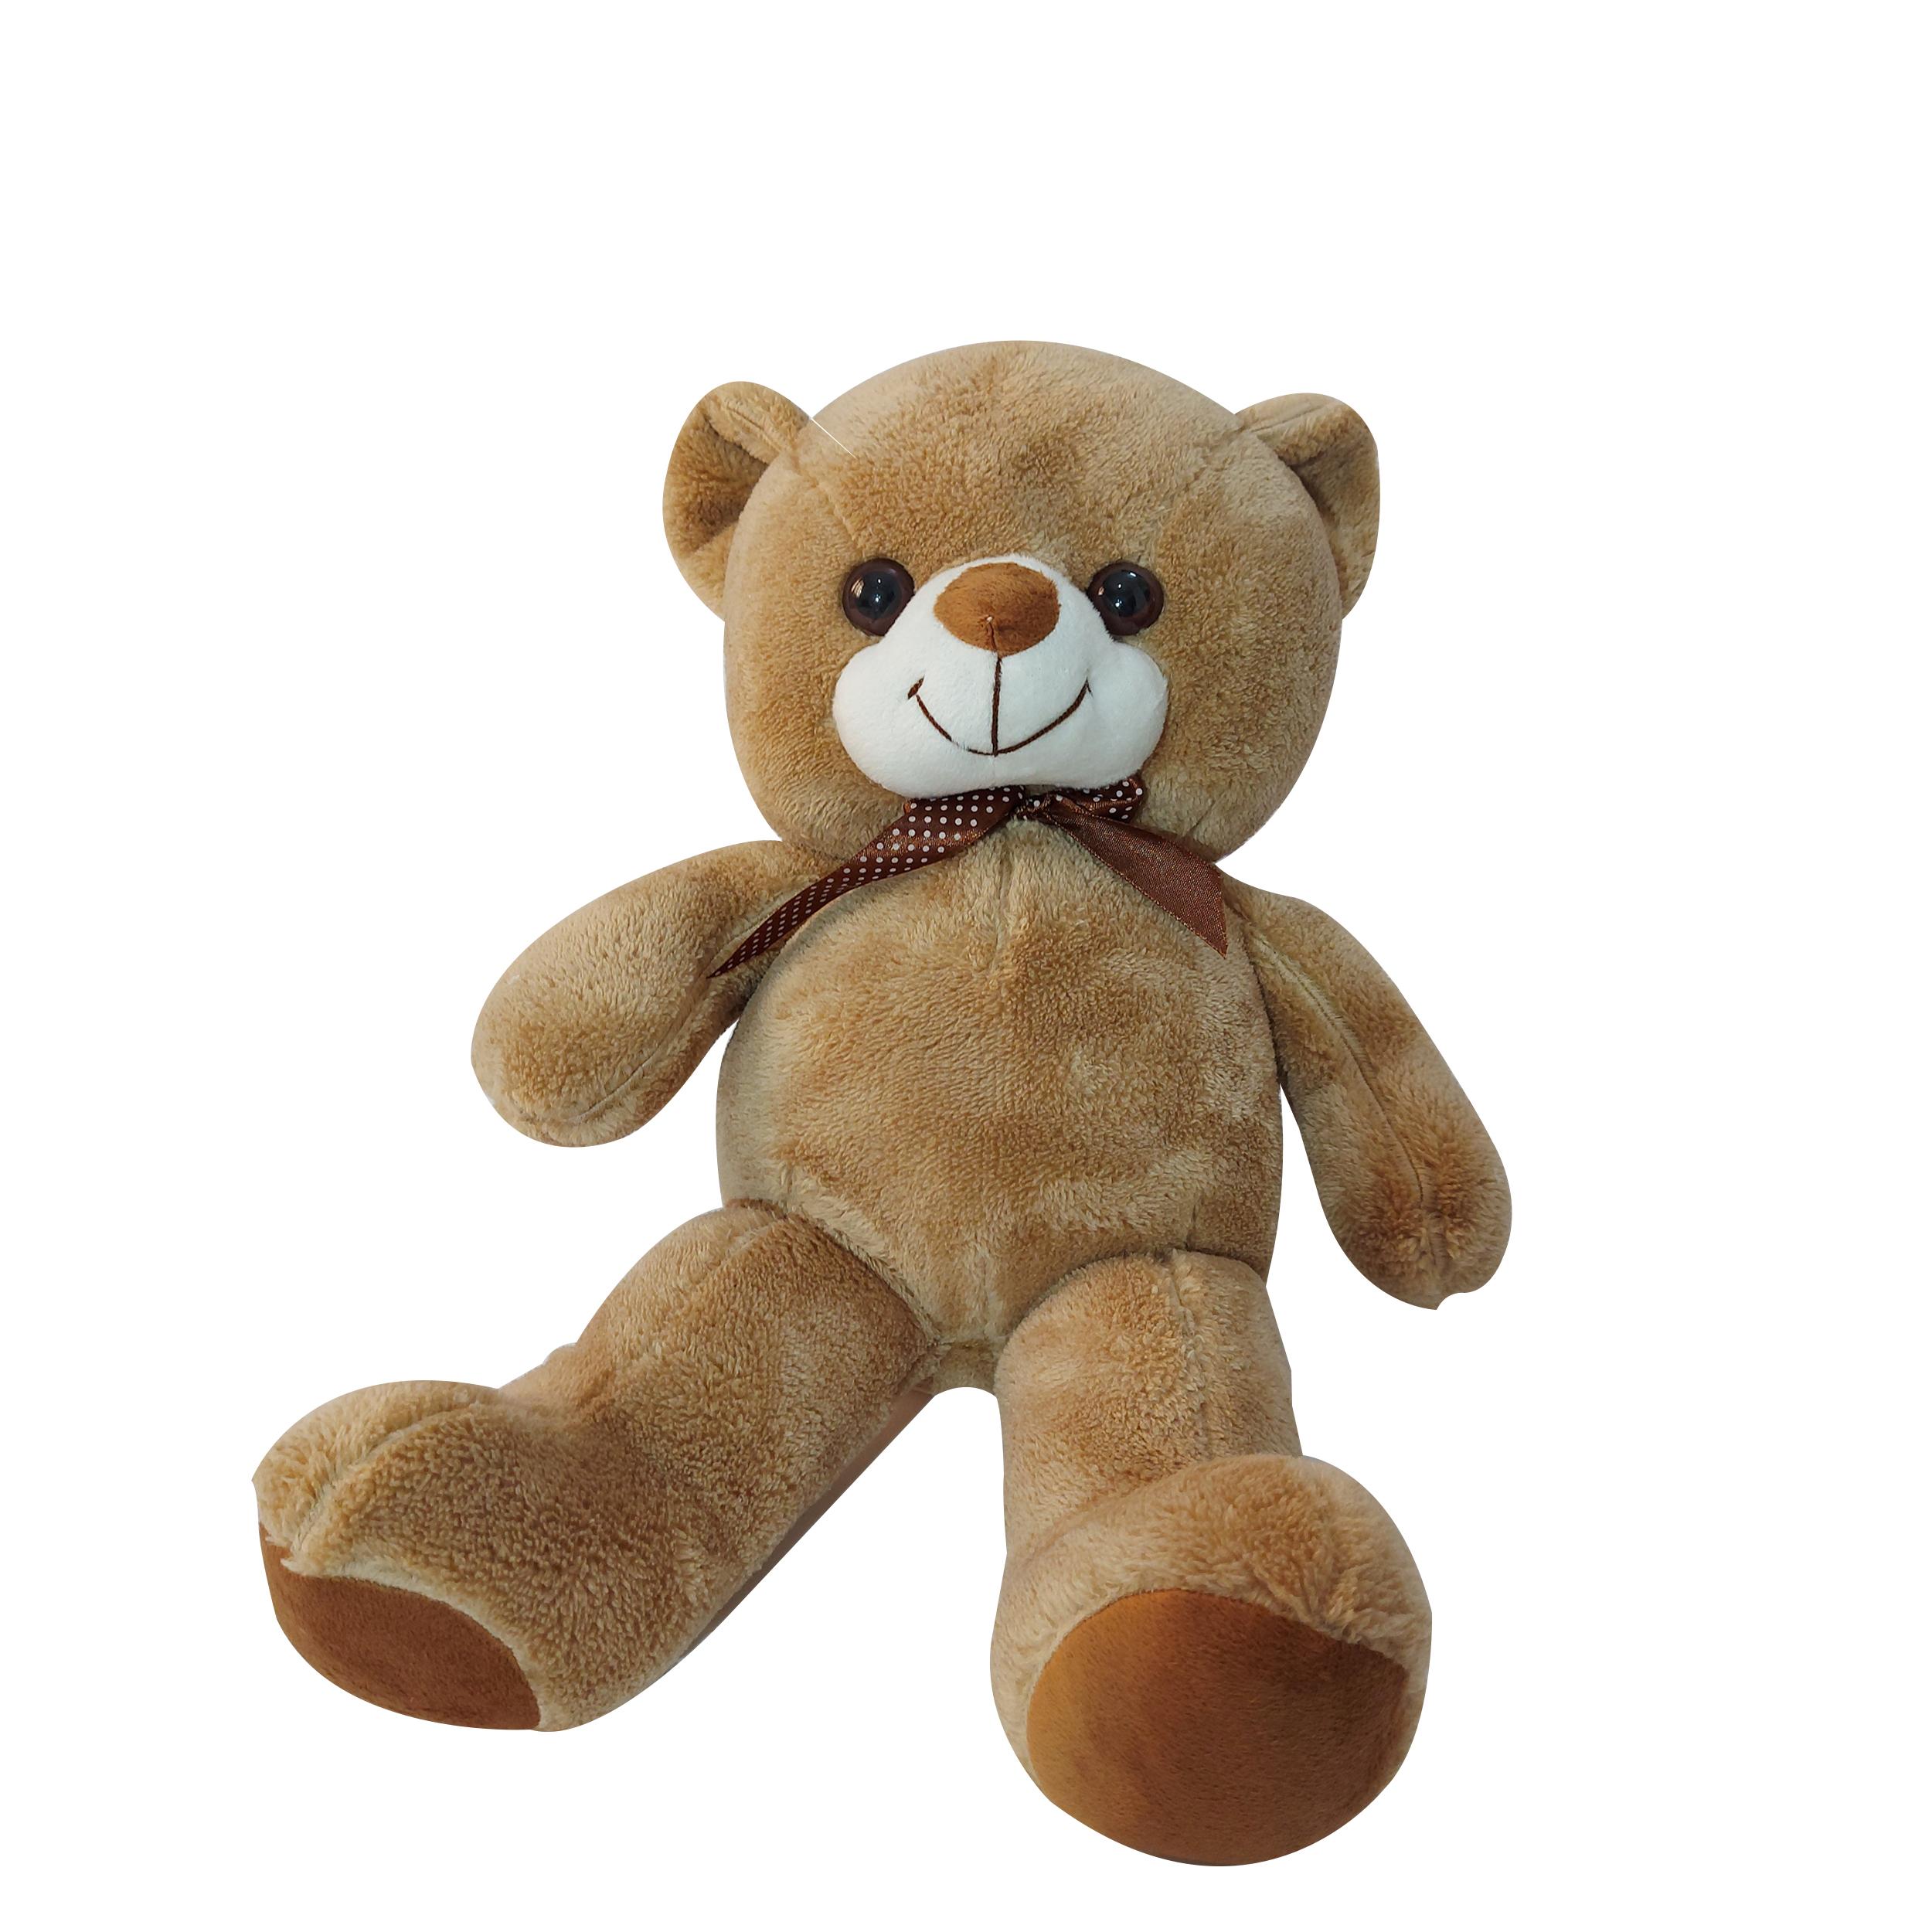 عروسک طرح خرس پاپیون دار مدل love ارتفاع 50 سانتی متر